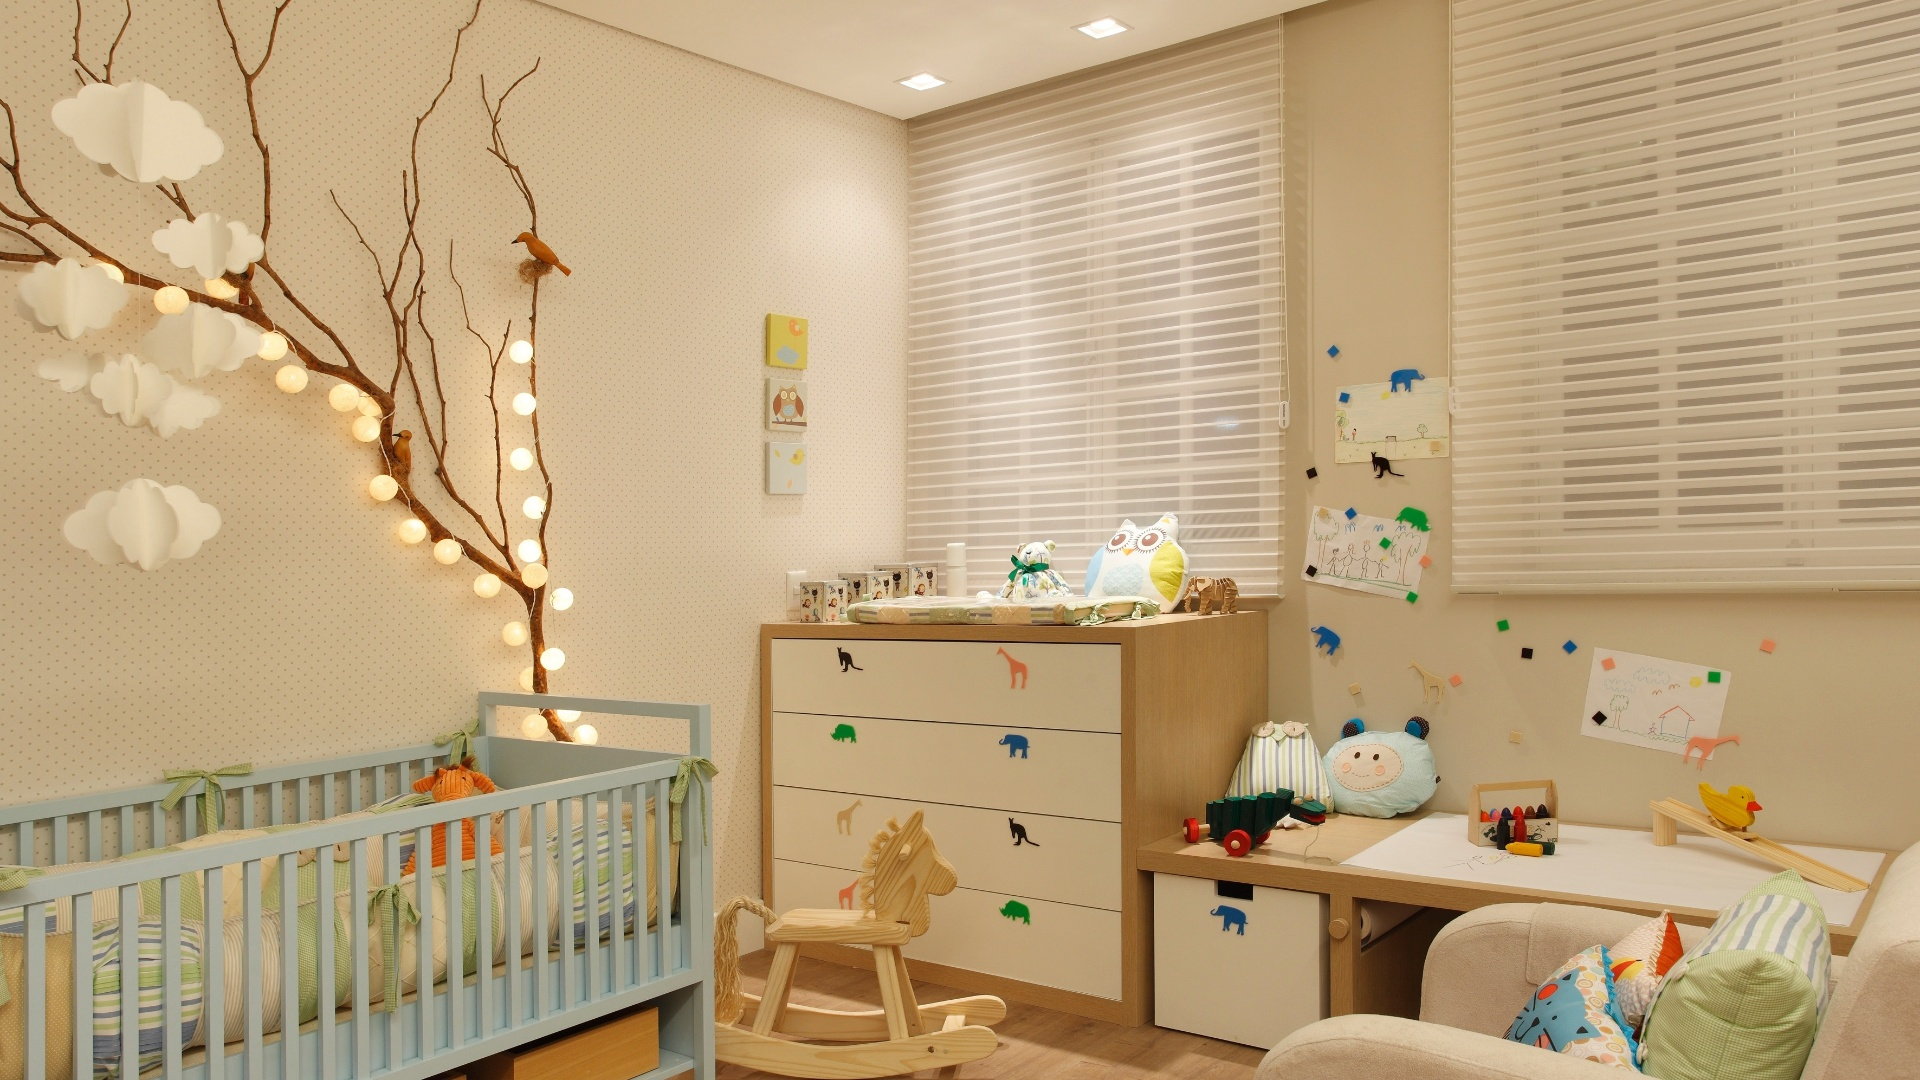 Dicas de decoração para quarto infantil 1